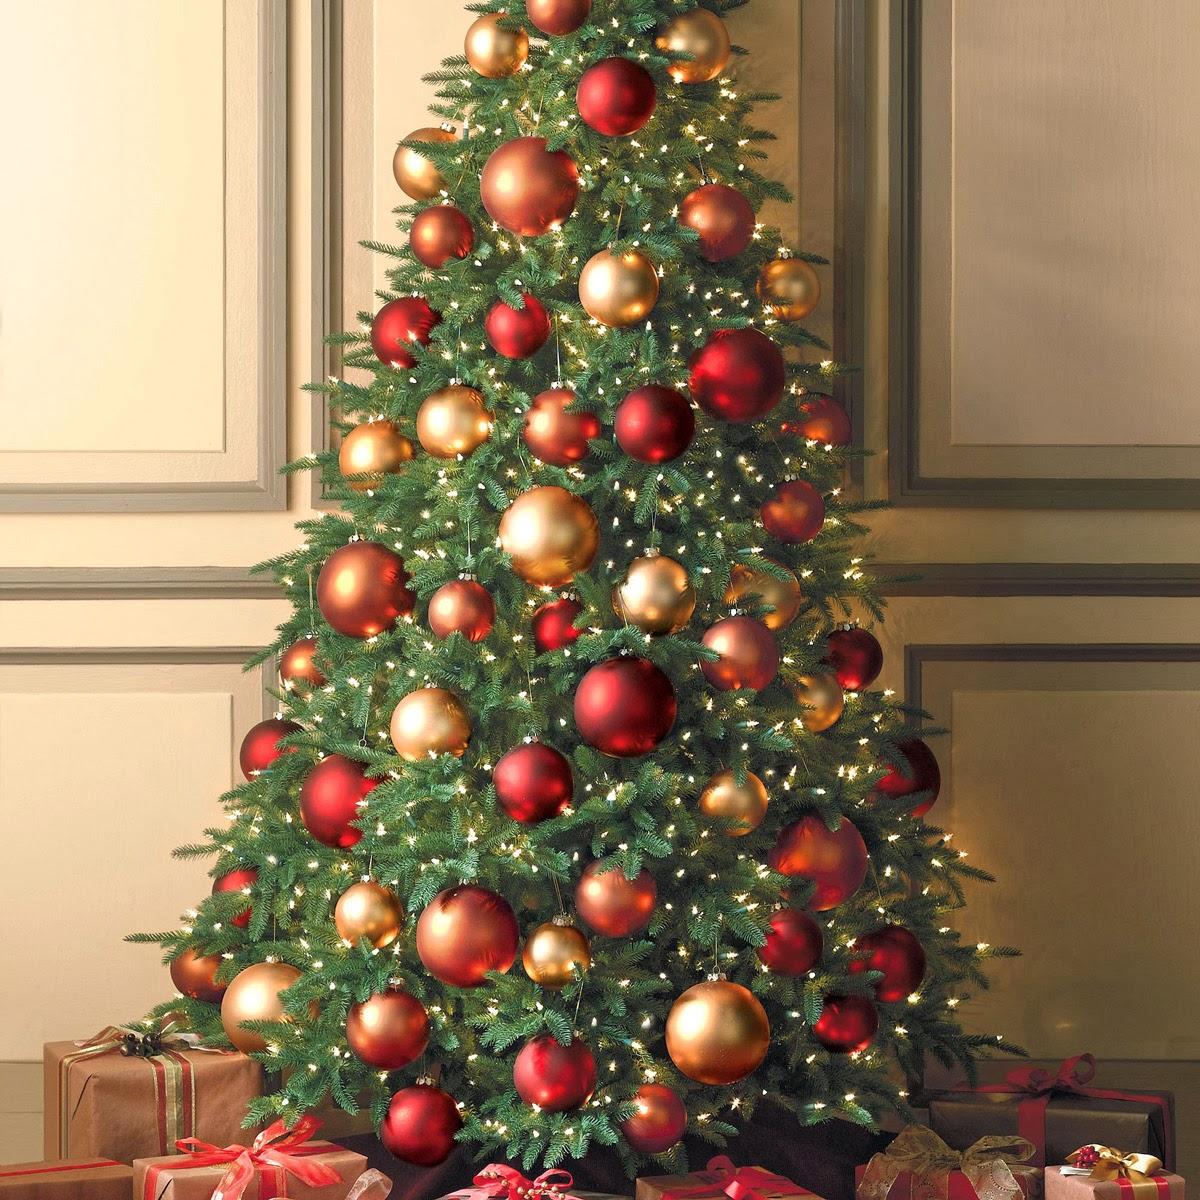 Realt o fantasia l albero di natale dalle origini a oggi for Obi albero di natale